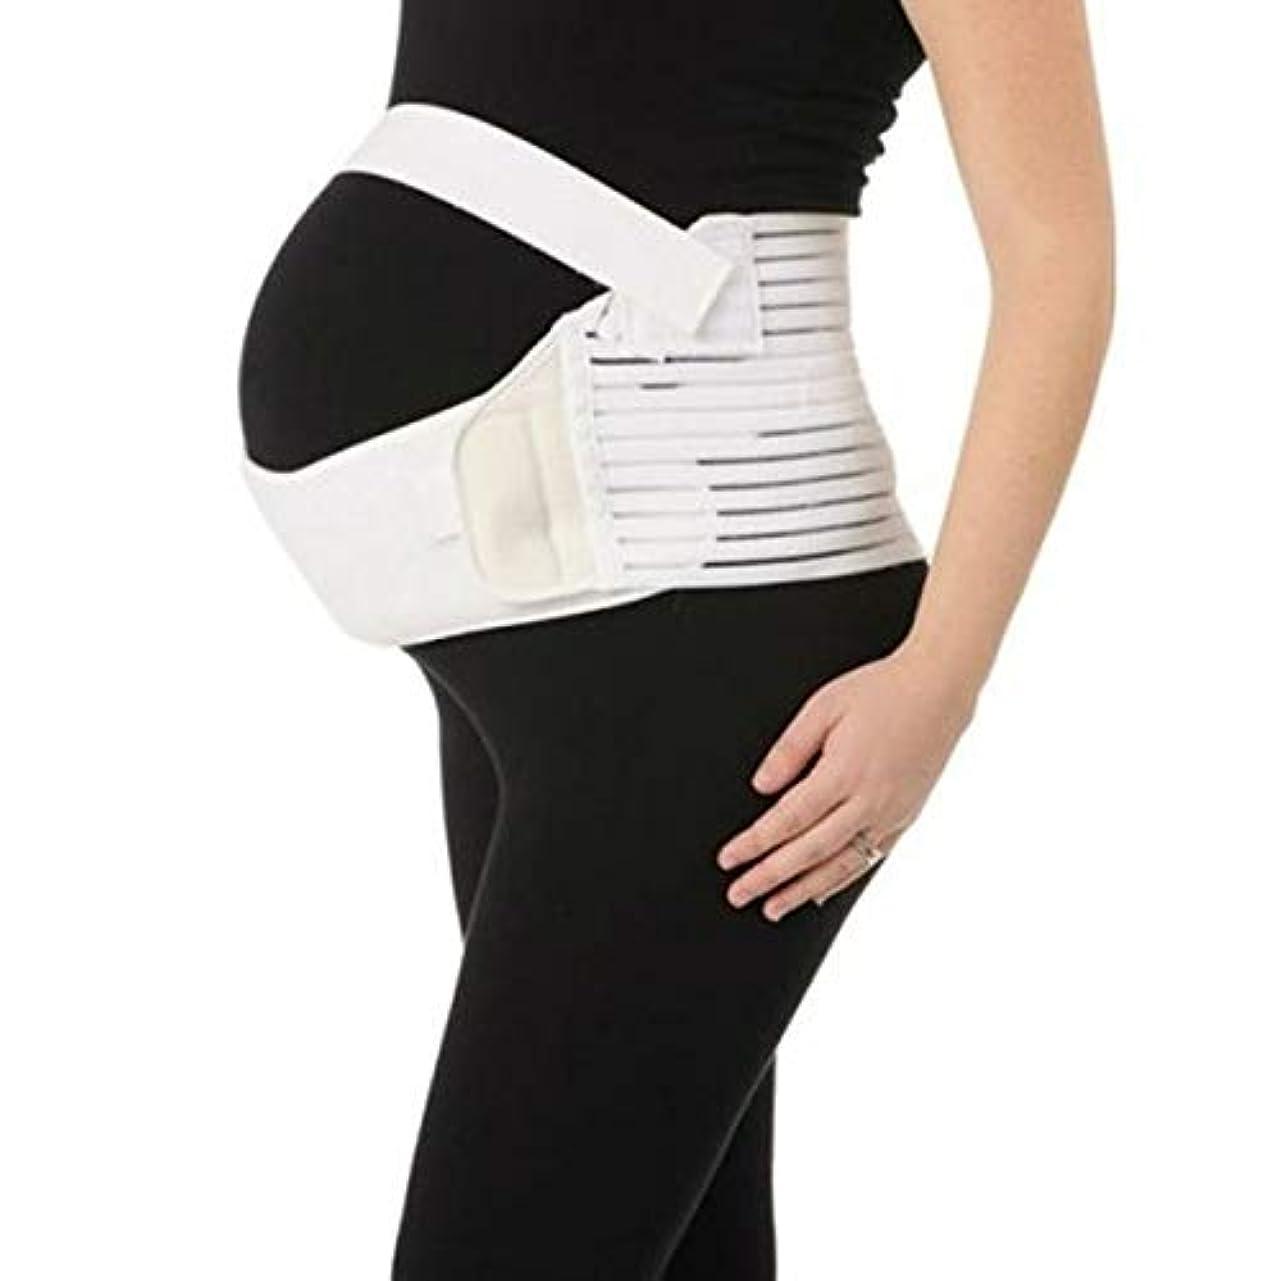 明日子ガラス通気性マタニティベルト妊娠腹部サポート腹部バインダーガードル運動包帯産後回復形状ウェア - ホワイトXL